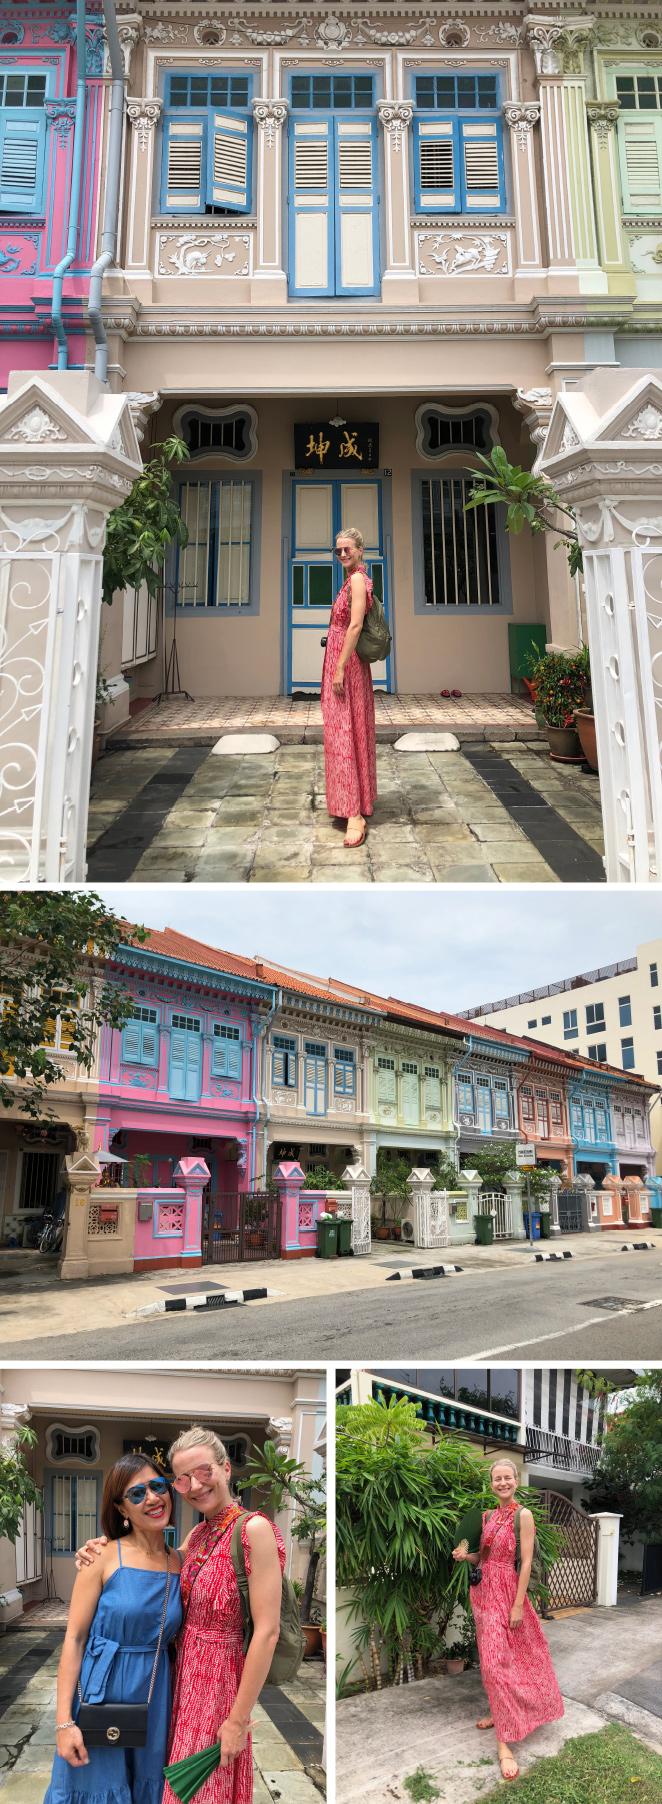 """Visita a una casa de la comunidad """"Peranakan"""" que son descendientes de los primeros inmigrantes chinos (los primeros son del S.XV) que llegaron a Singapur. Destacan por la influencia europea en su estilo de vida. Concretamente, visitamos """"The Intan"""" (www.the-intan.com), la casa/museo de Alvin Yapp y su madre donde pudimos admirar la colección de piezas antiguas (especialmente de moda y artículos de decoración) que ha creado. Me hizo especial ilusión descubrir los cientos de figuras religiosas católicas que ha ido comprando por el mundo."""